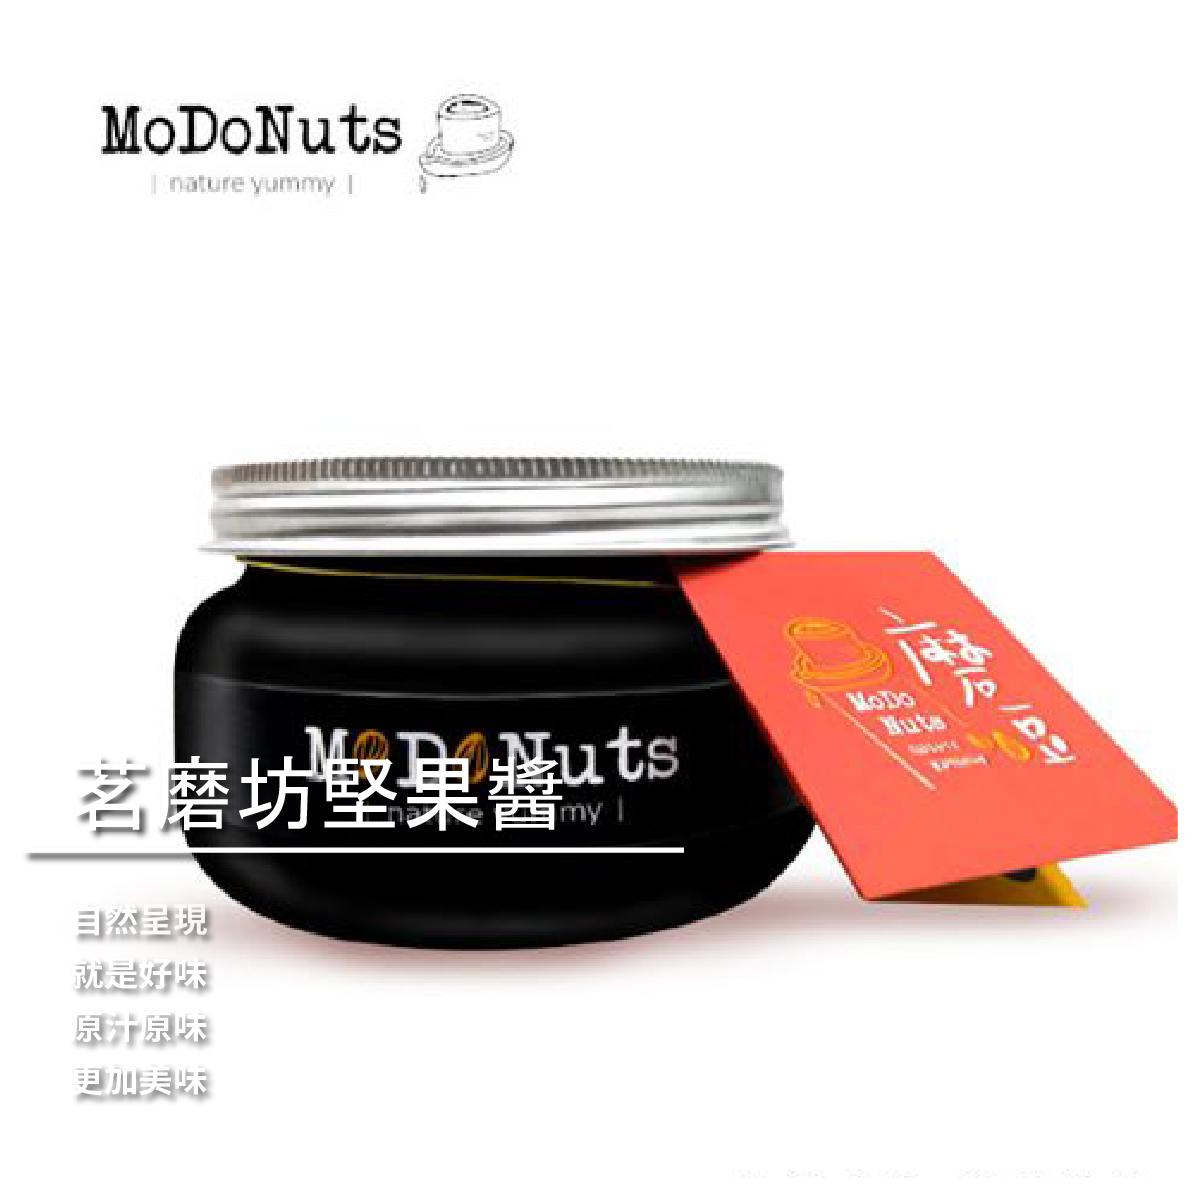 【茗磨坊磨豆】茗磨坊堅果醬-黑芝麻醬